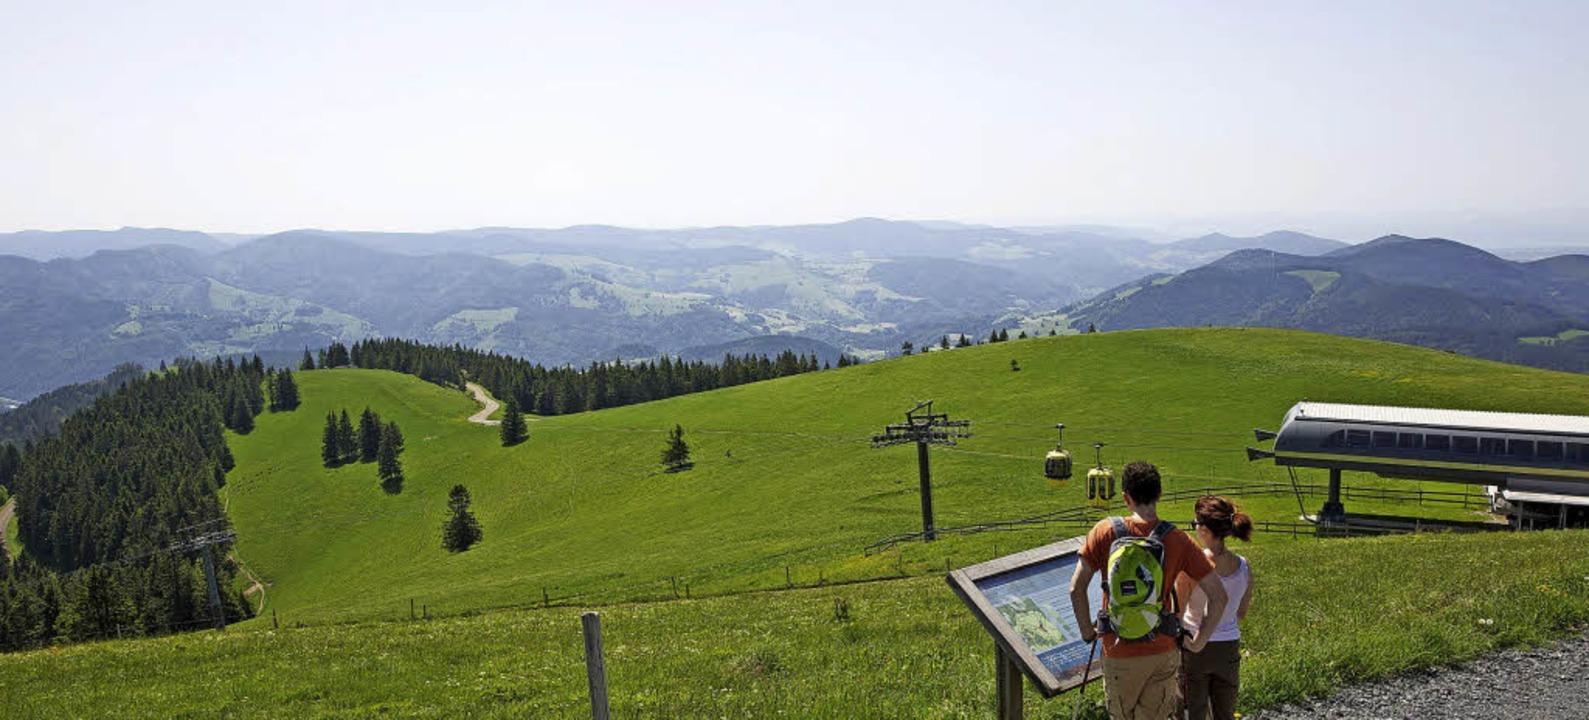 Einmalige Ausblicke erleben die Teilnehmer des Wander-Openings  | Foto:  Schwarzwaldregion Belchen/Ulrike Klumpp